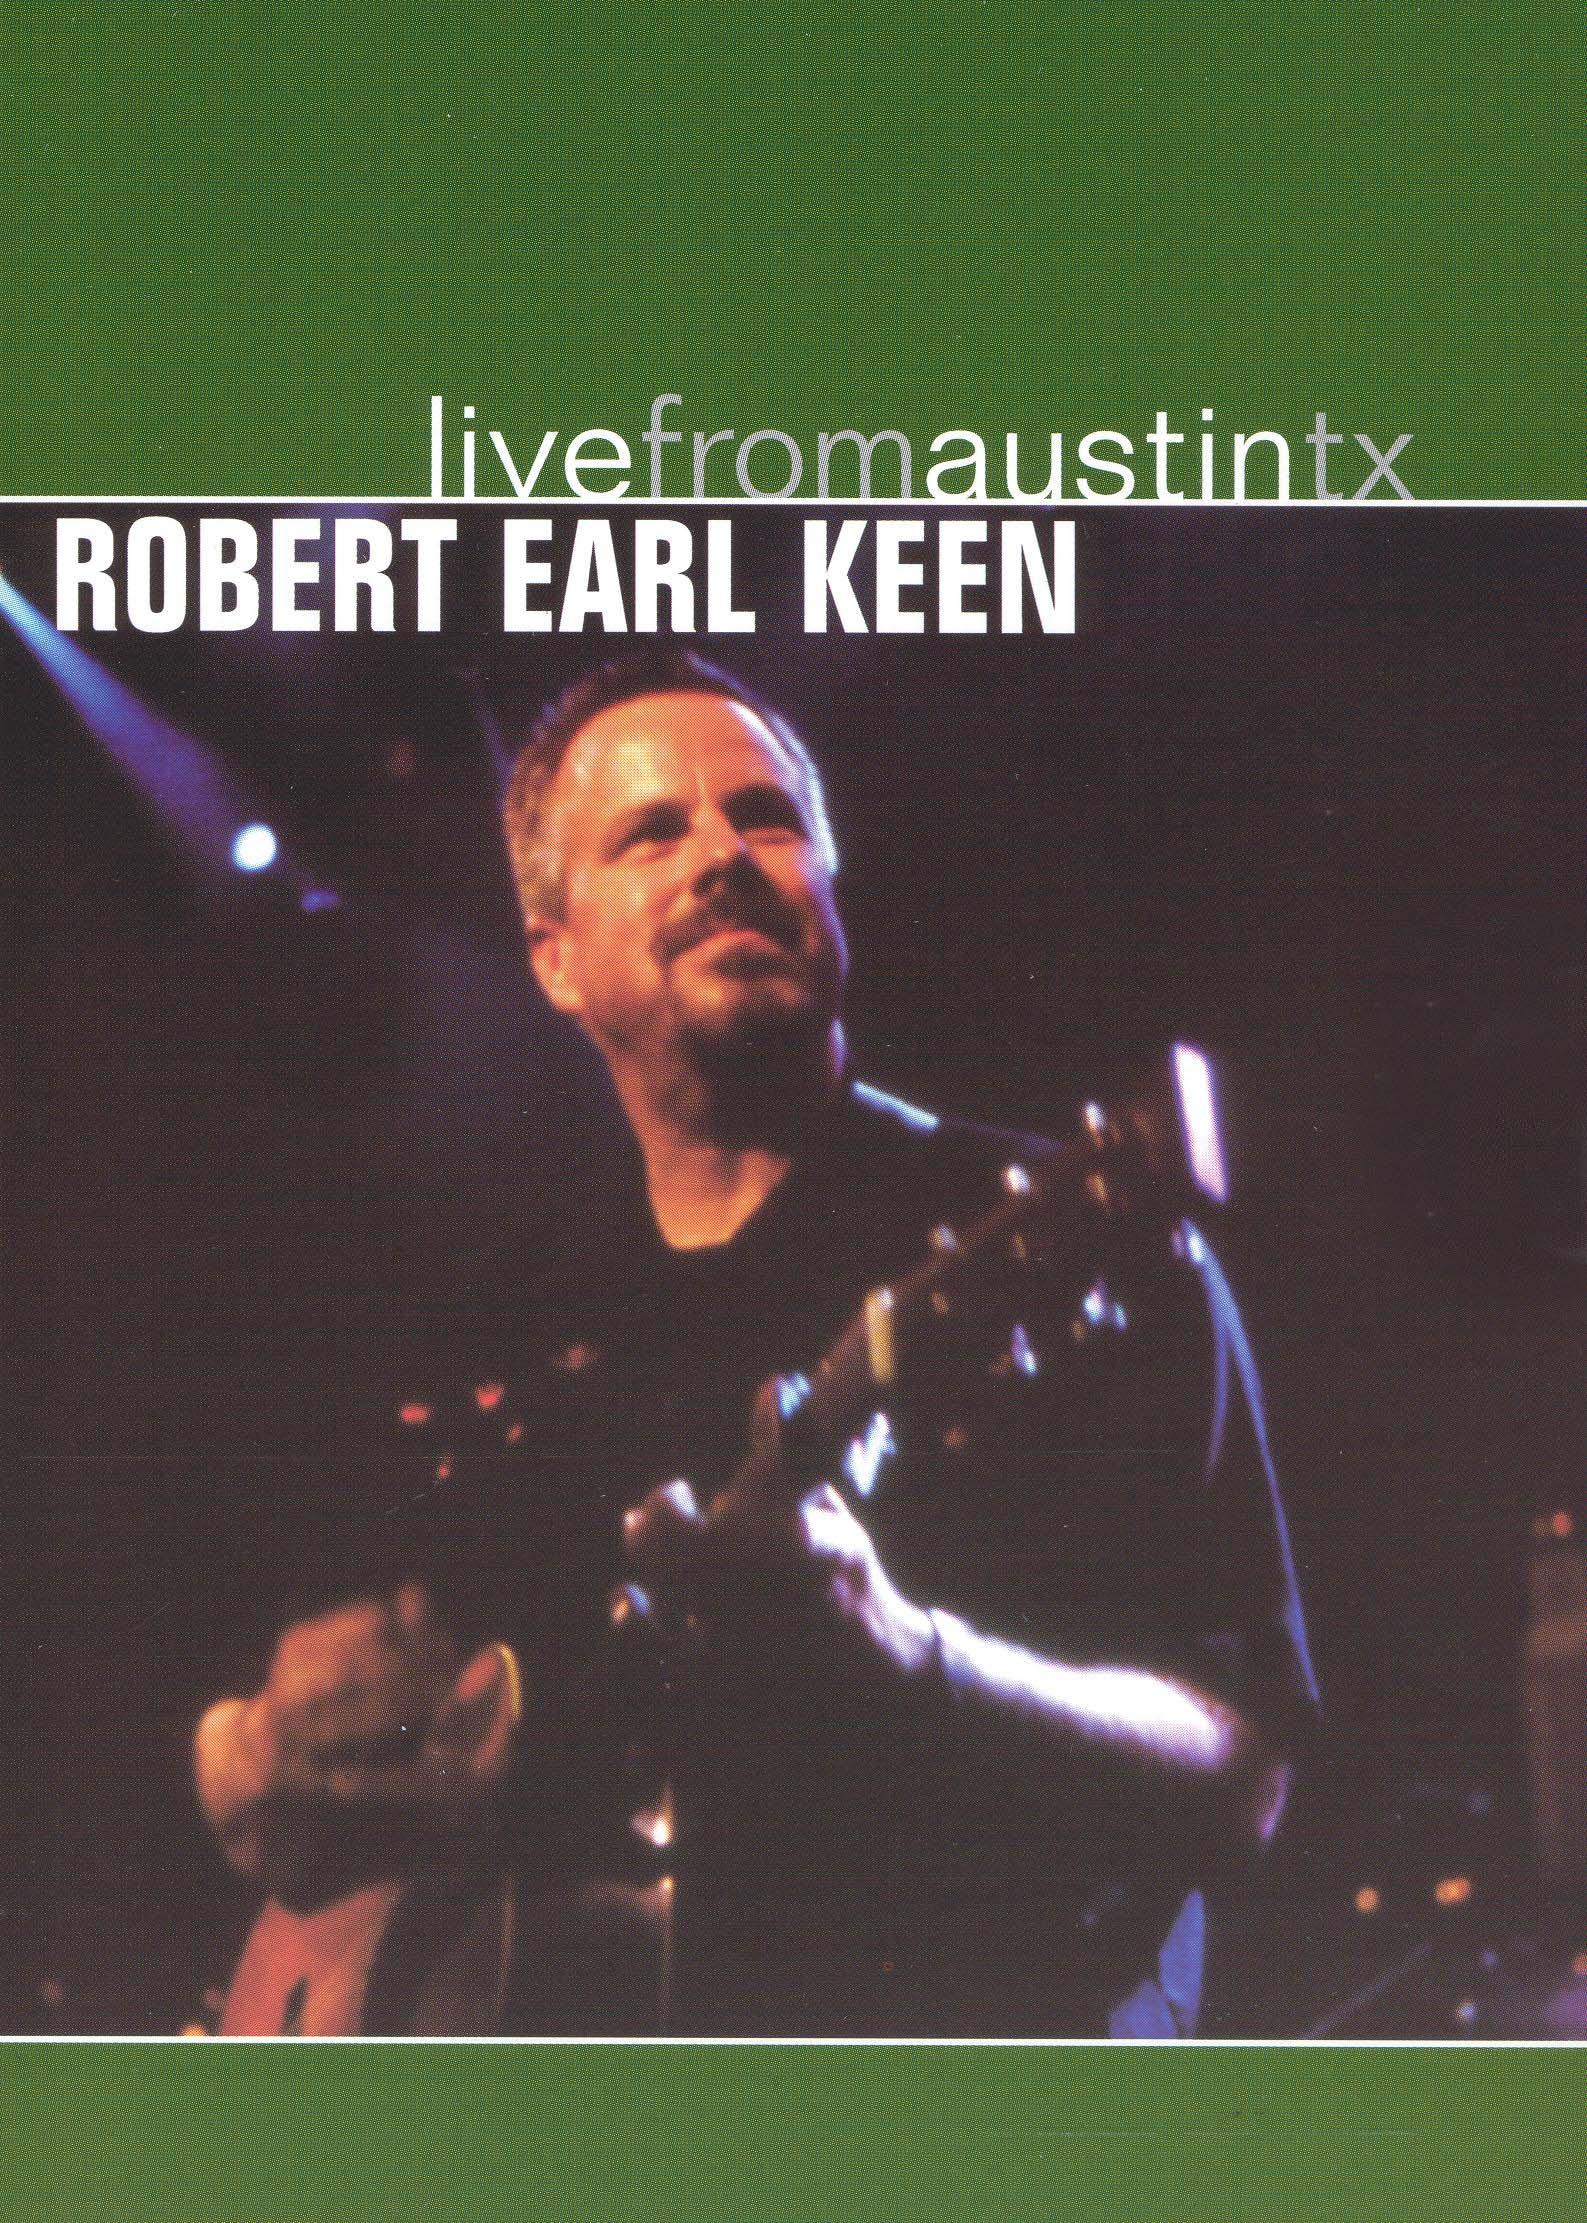 Live From Austin TX: Robert Earl Keen